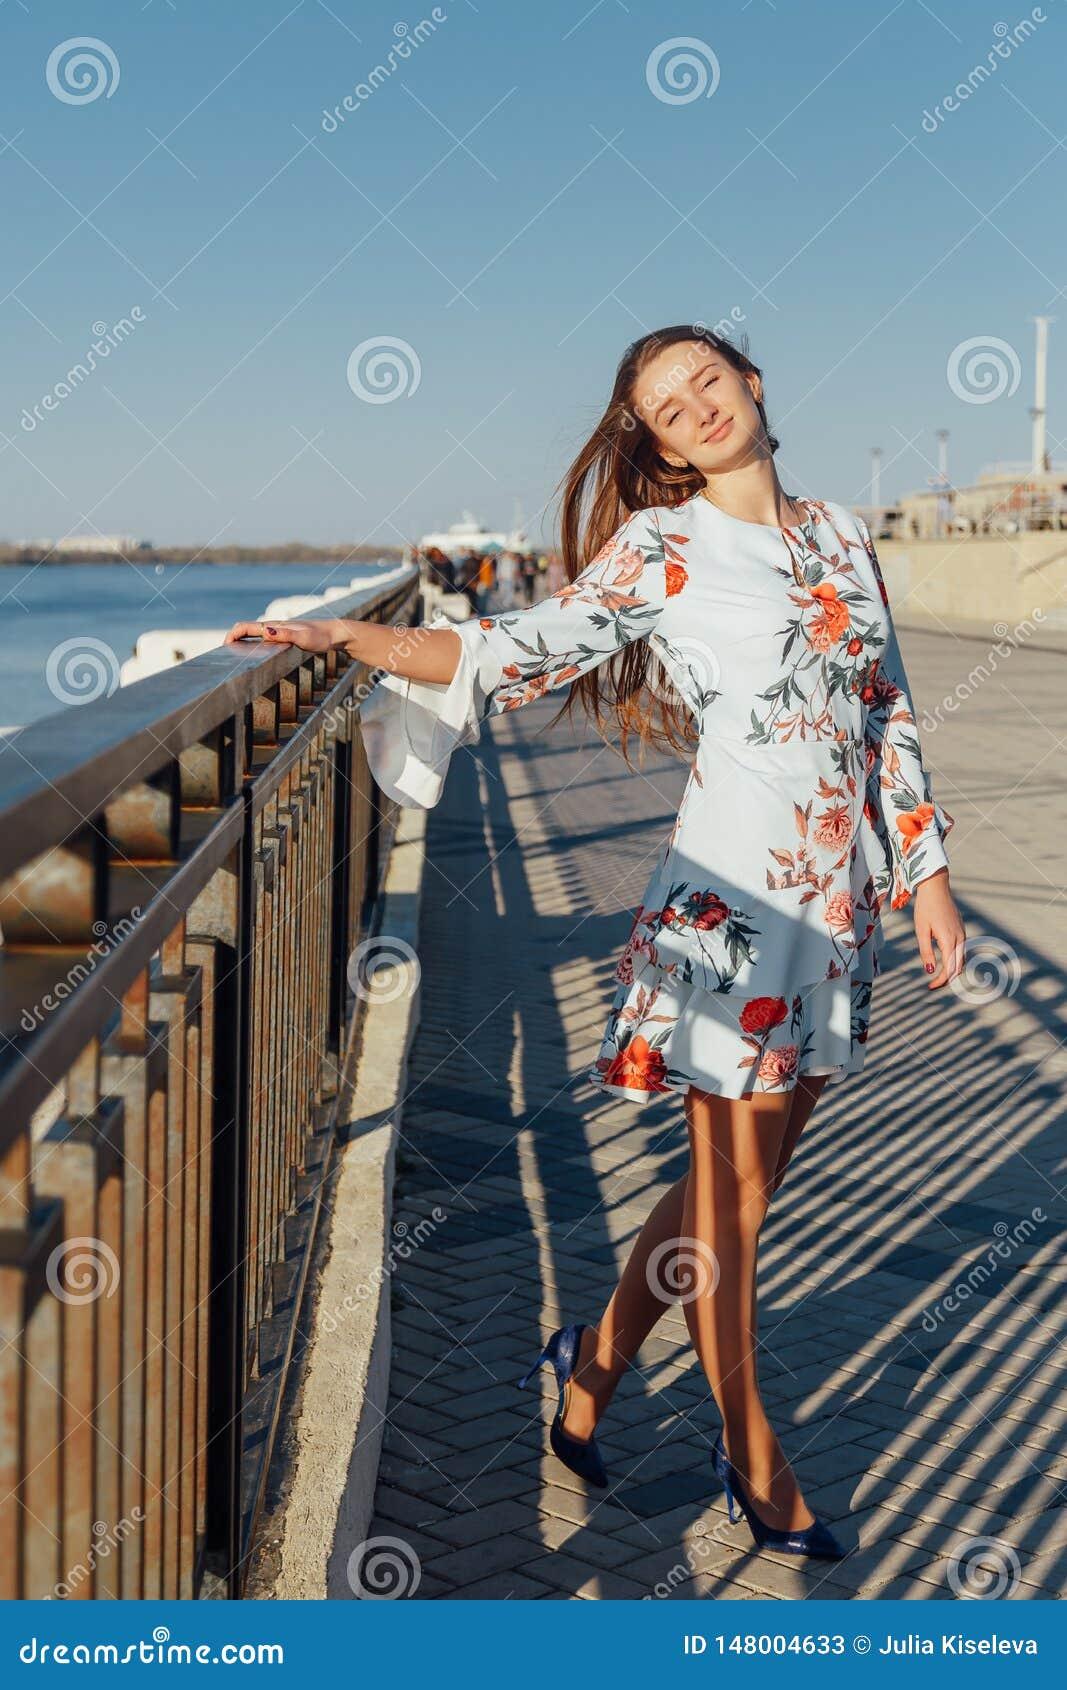 走沿城市的江边的一年轻美女的动态时尚样式画象